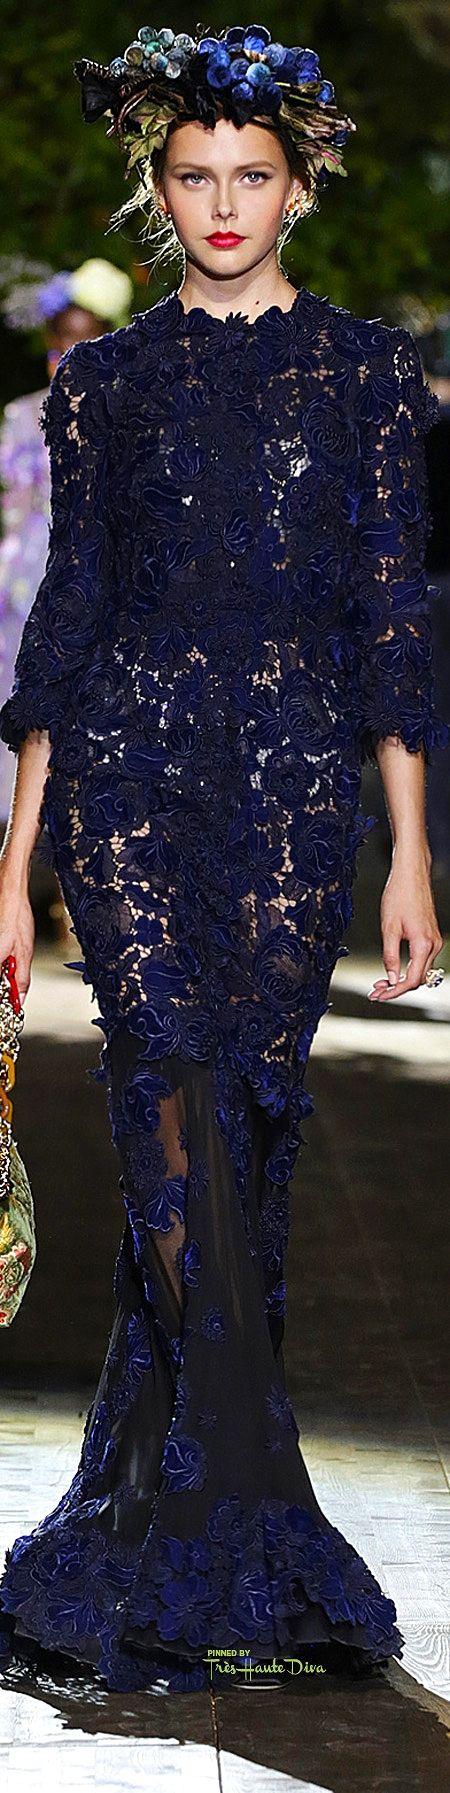 Dolce & Gabbana Alta Moda Fall 2015 | THD    ᘡղbᘠ